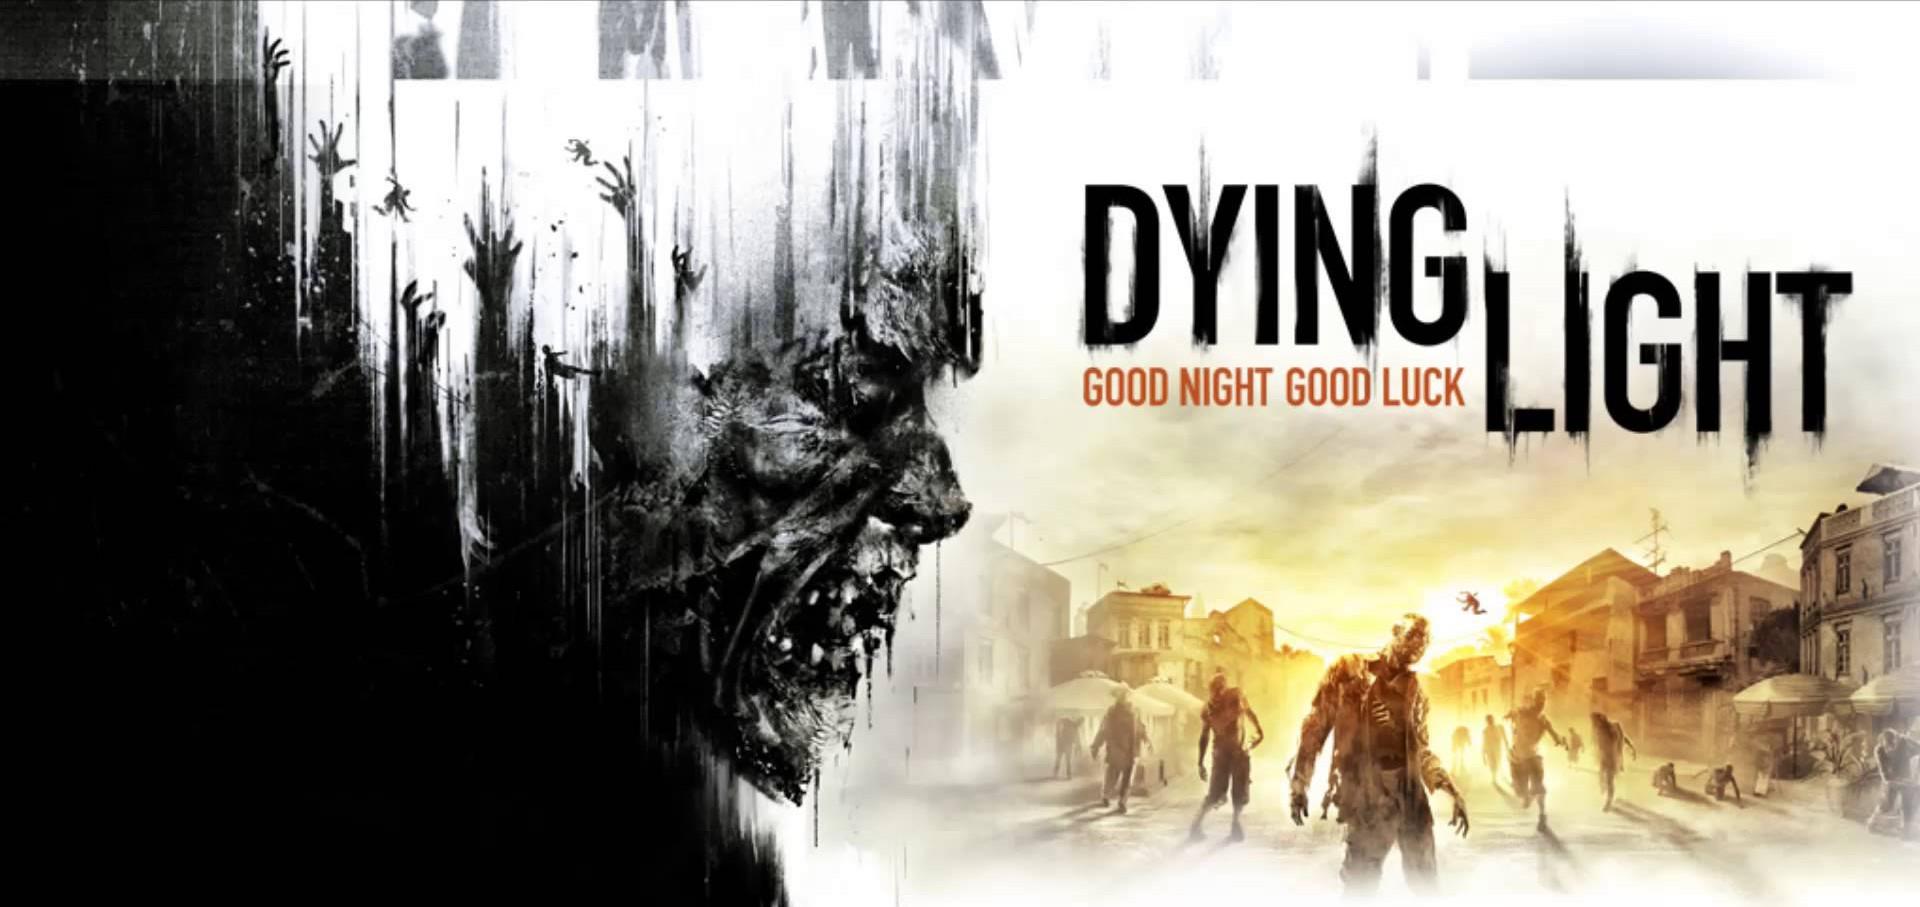 3rd Strike Com Dying Light Review